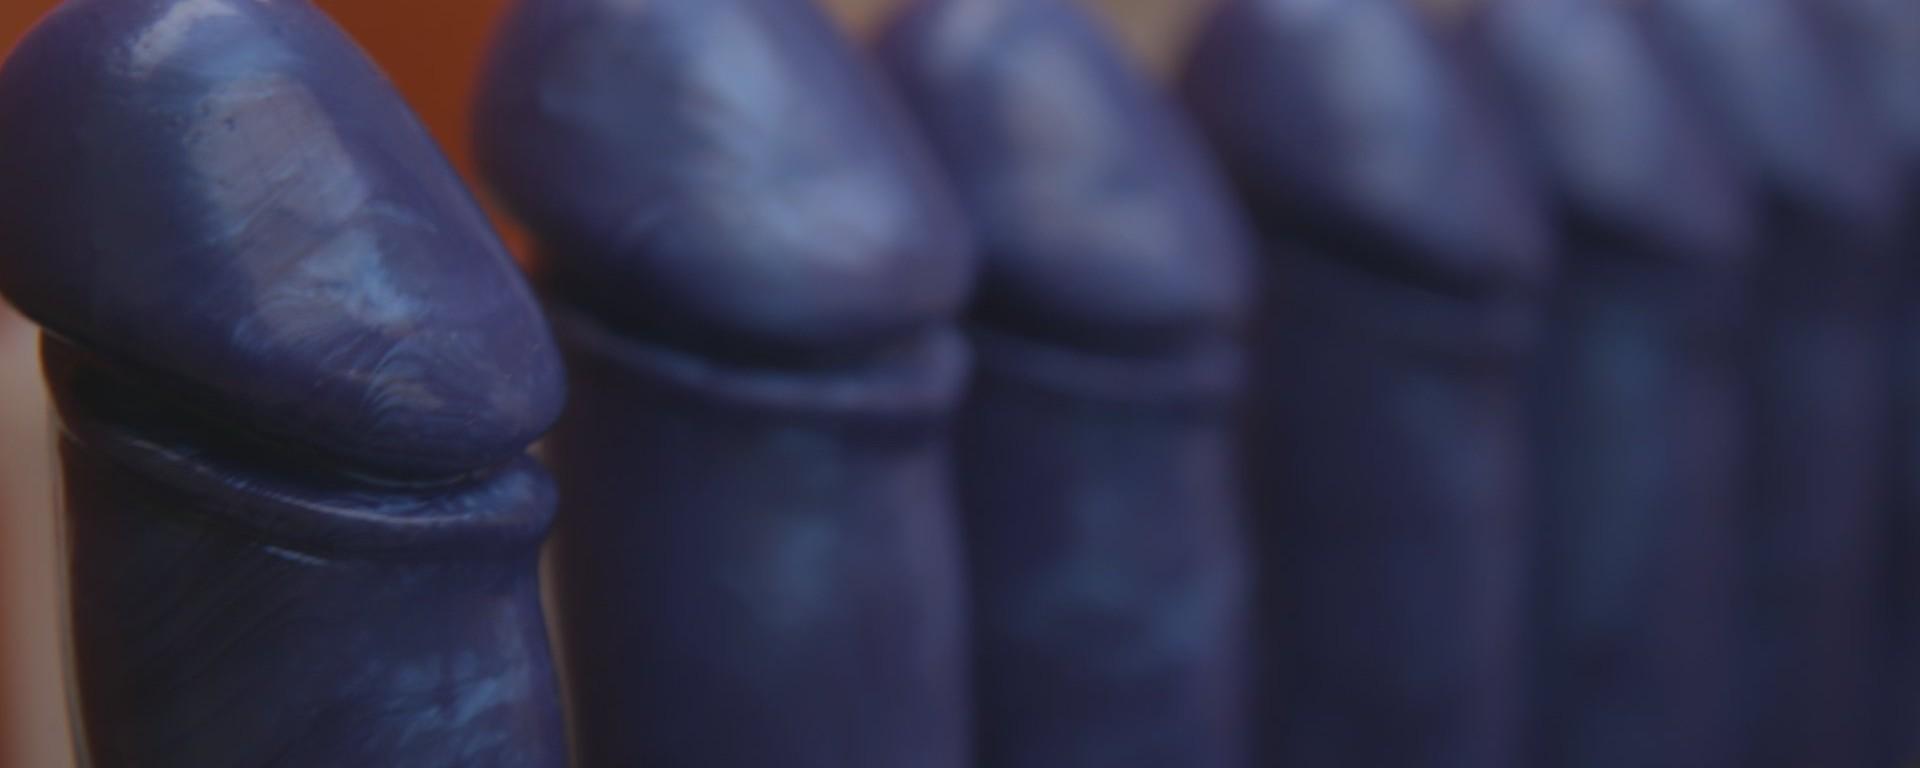 ce înseamnă punctele de pe penis erecție de la femei